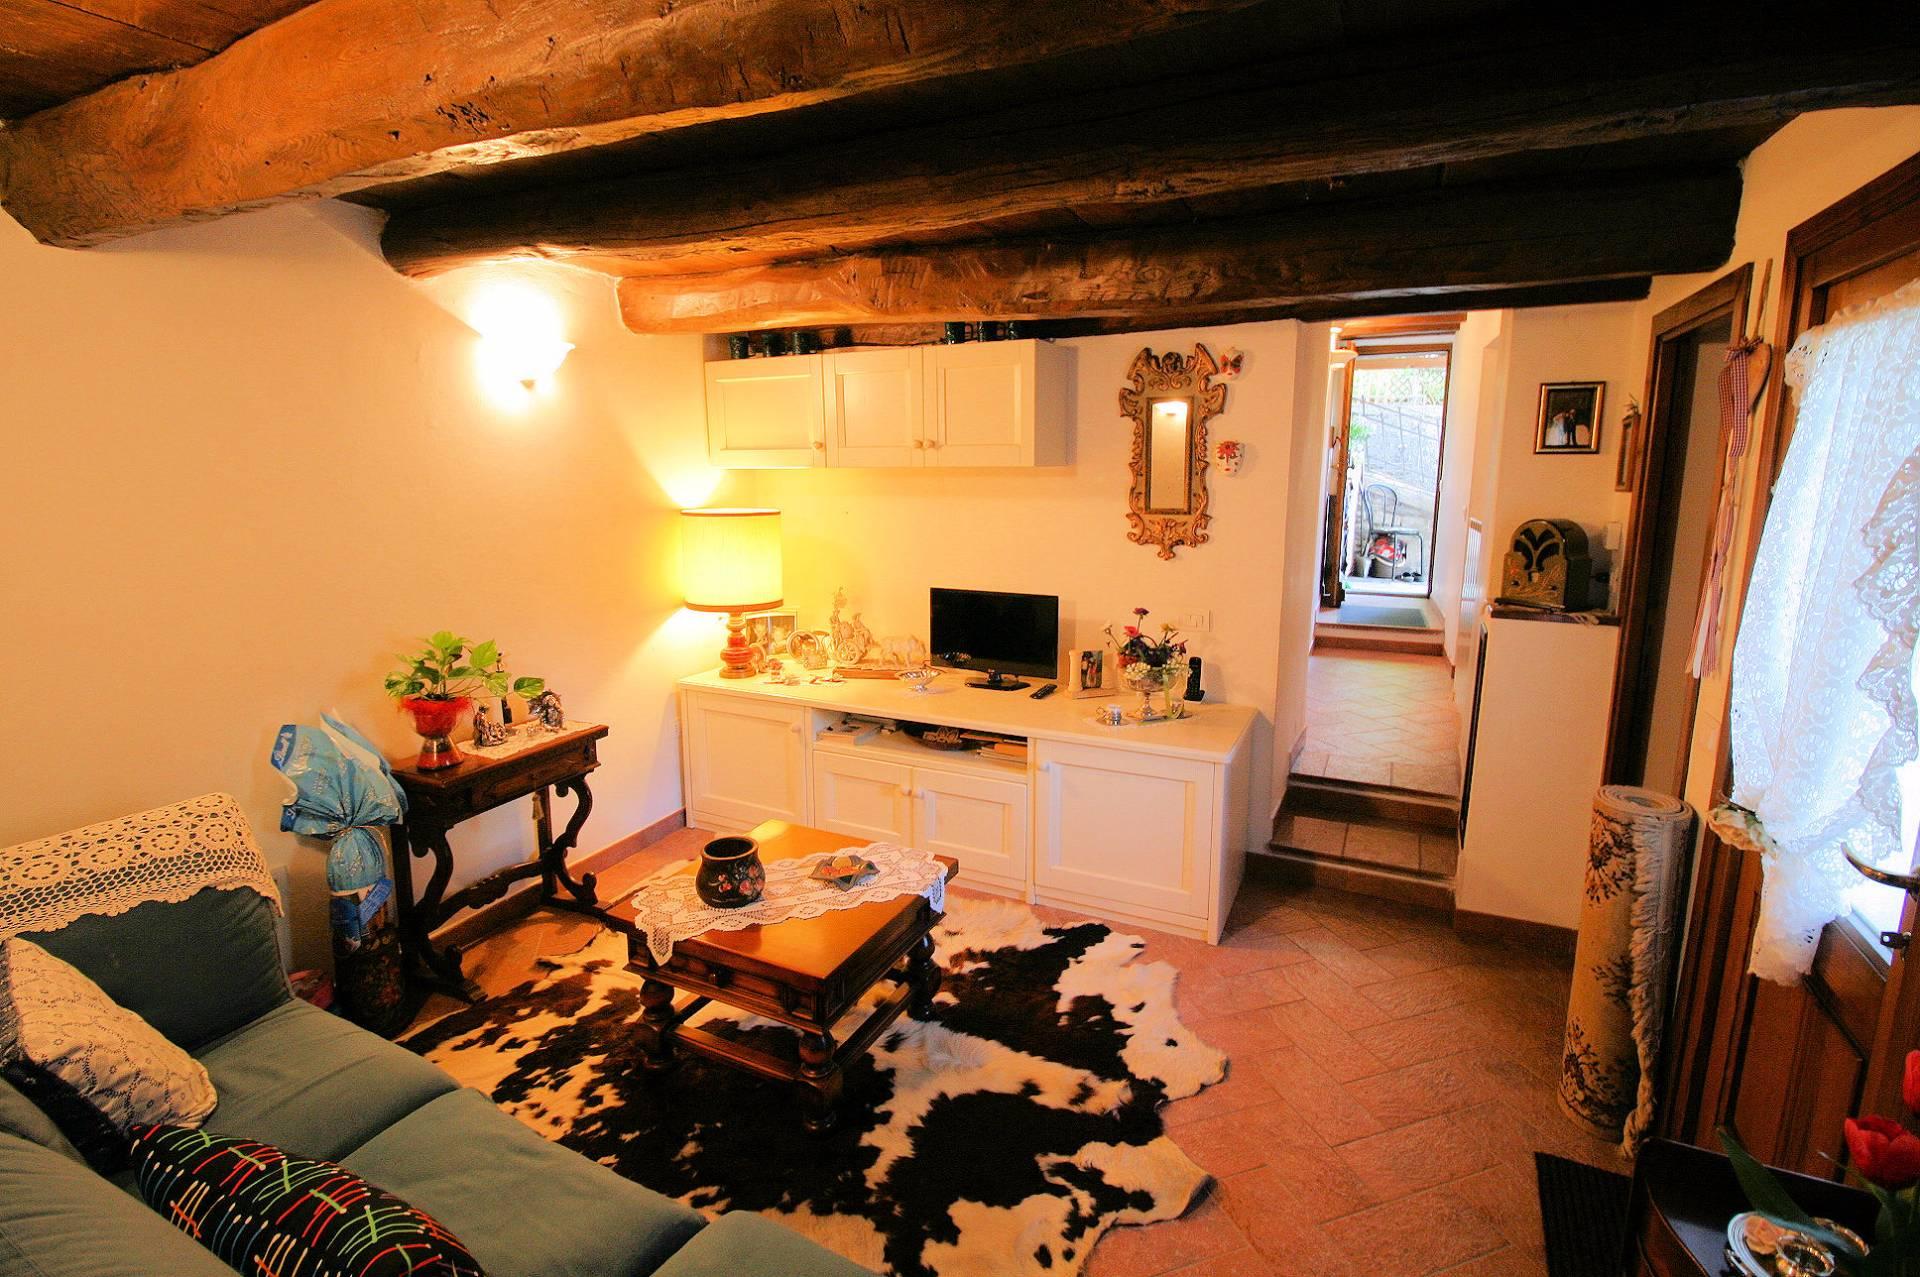 Appartamento in vendita a San Marcello Pistoiese, 3 locali, zona Zona: Lizzano, prezzo € 54.000 | Cambio Casa.it